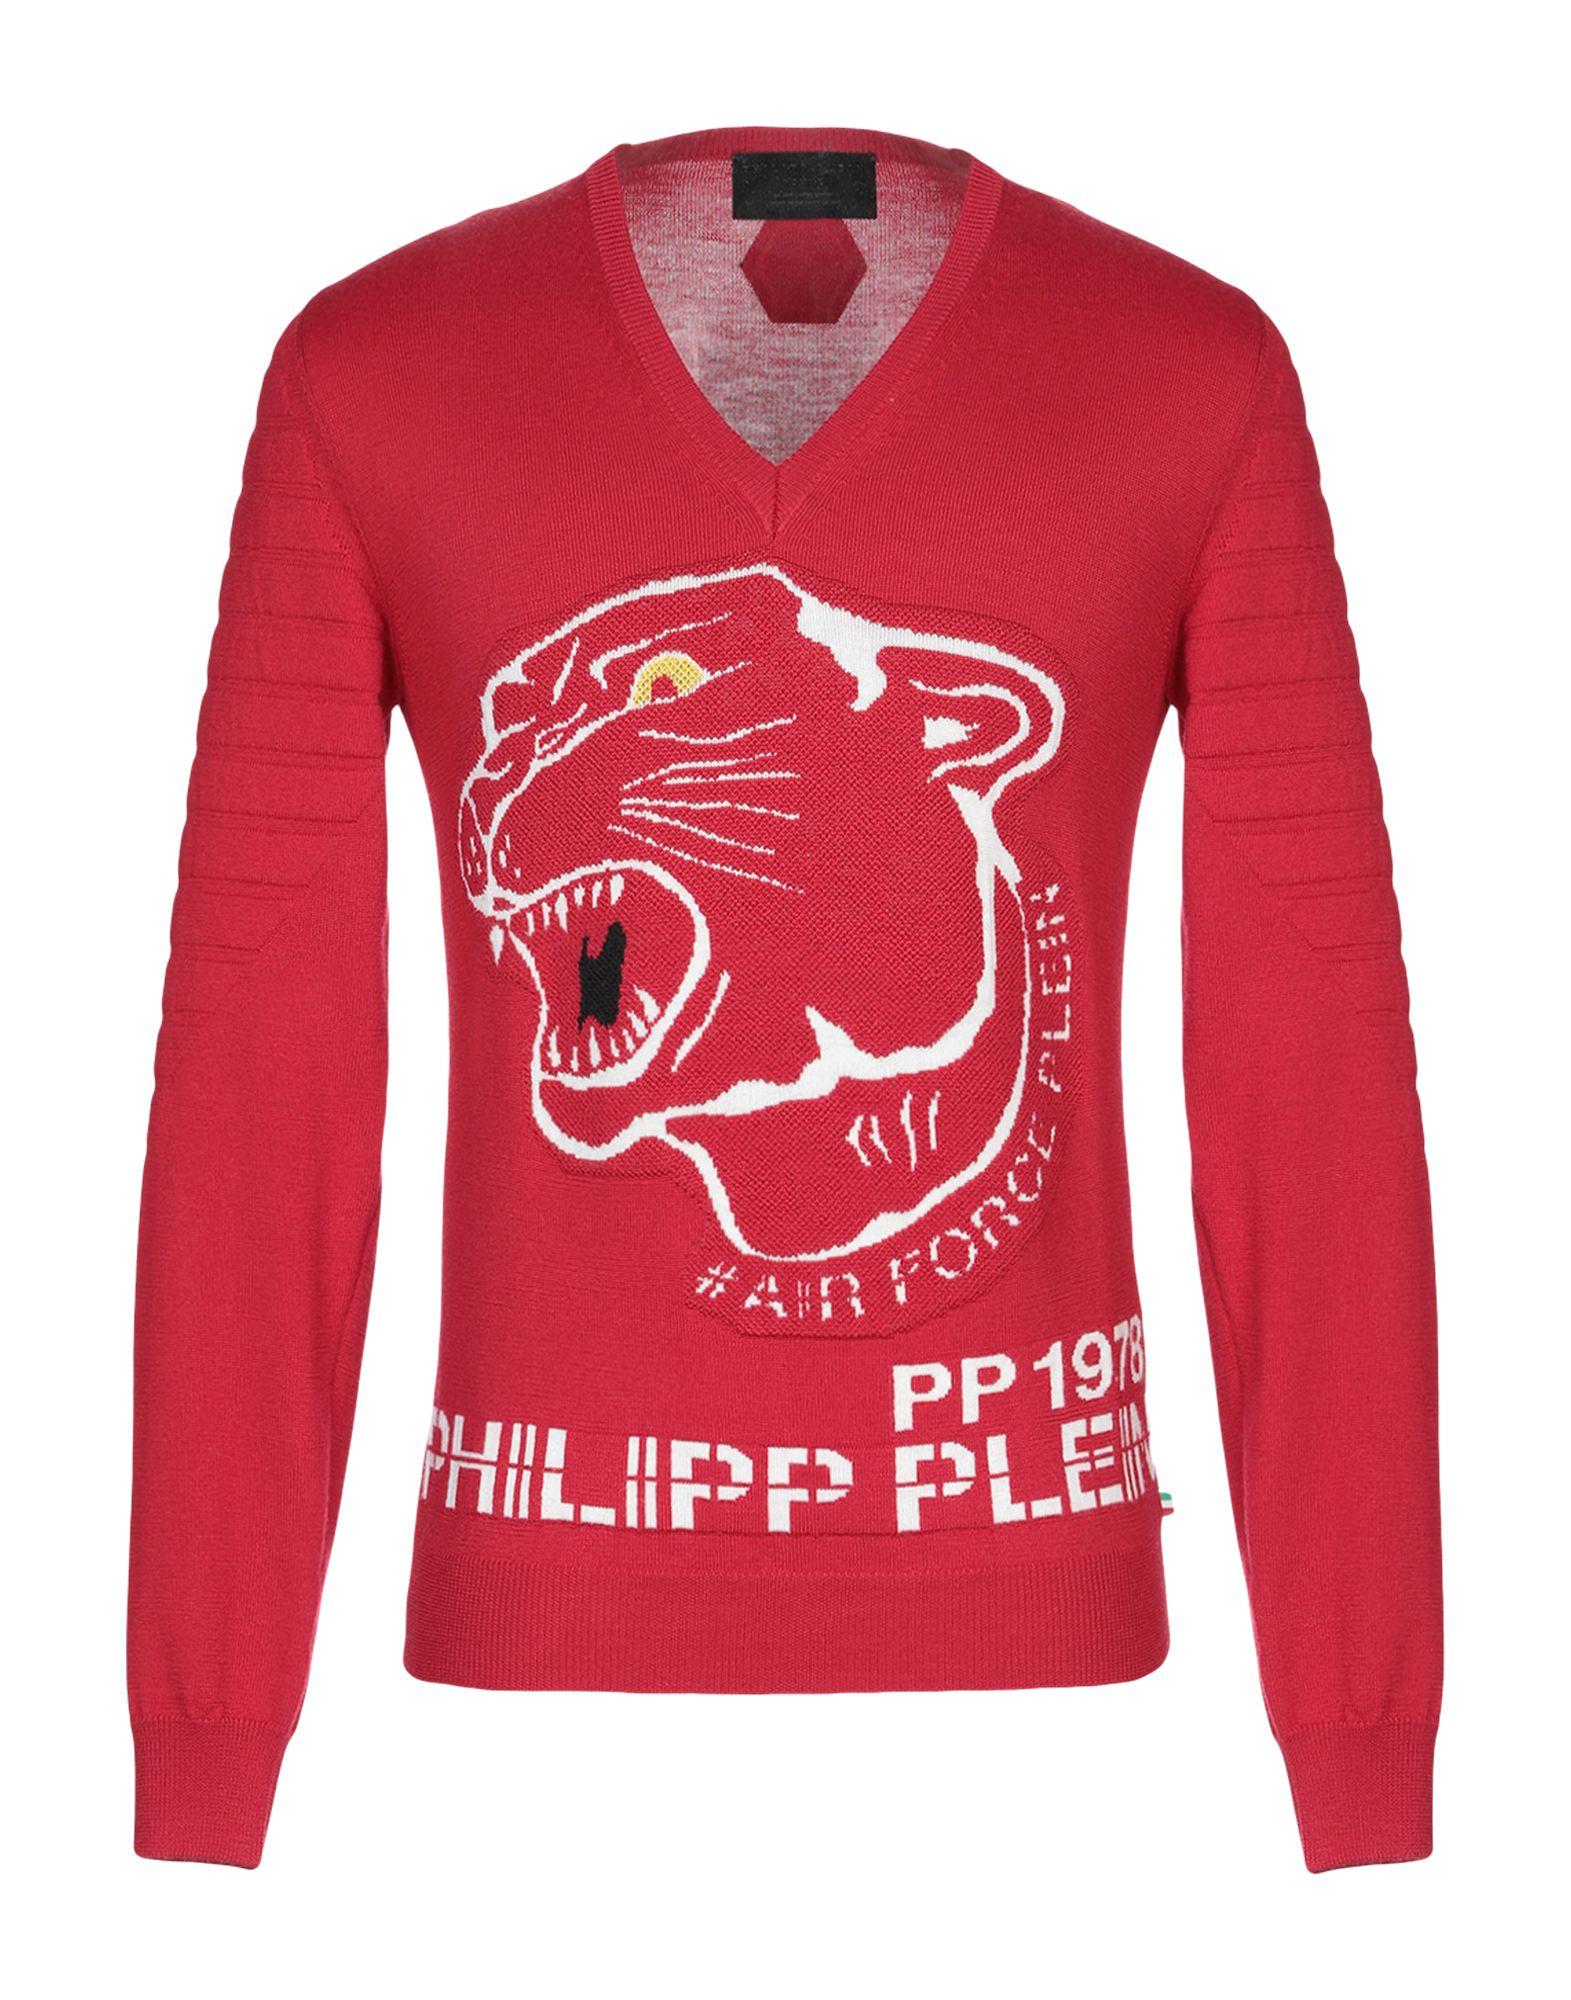 《送料無料》PHILIPP PLEIN メンズ プルオーバー レッド S ウール 100%